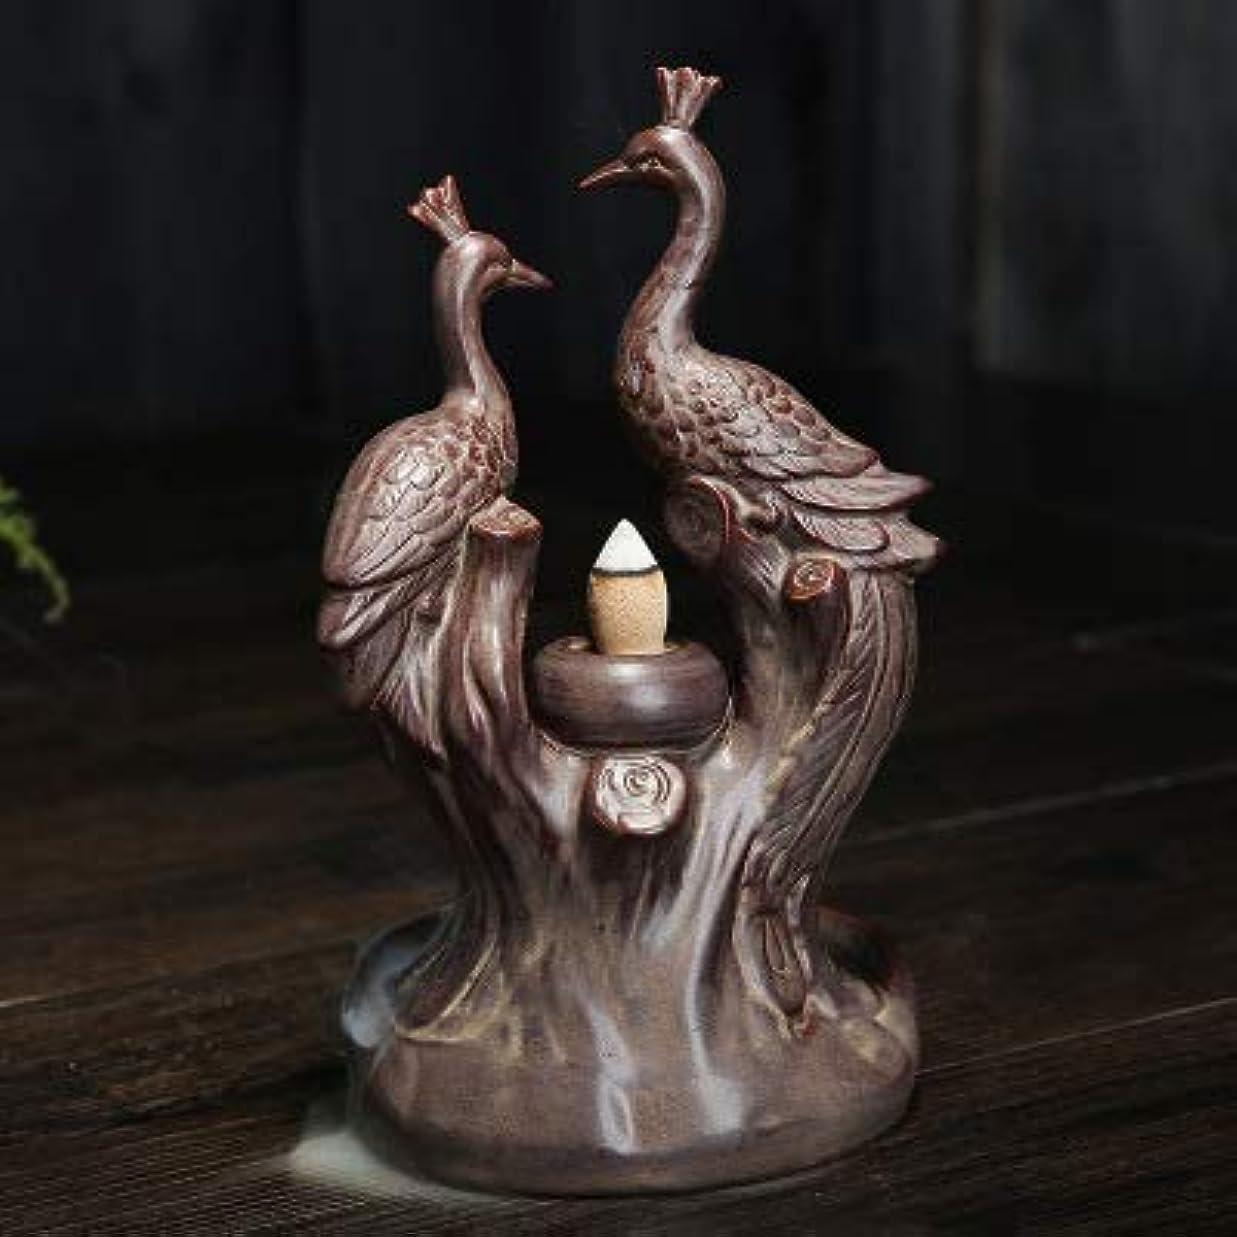 言い換えると便益パニックPHILOGOD 香炉 陶器孔雀スタイリング 逆流香炉 香置物 仏壇用香立て/香皿